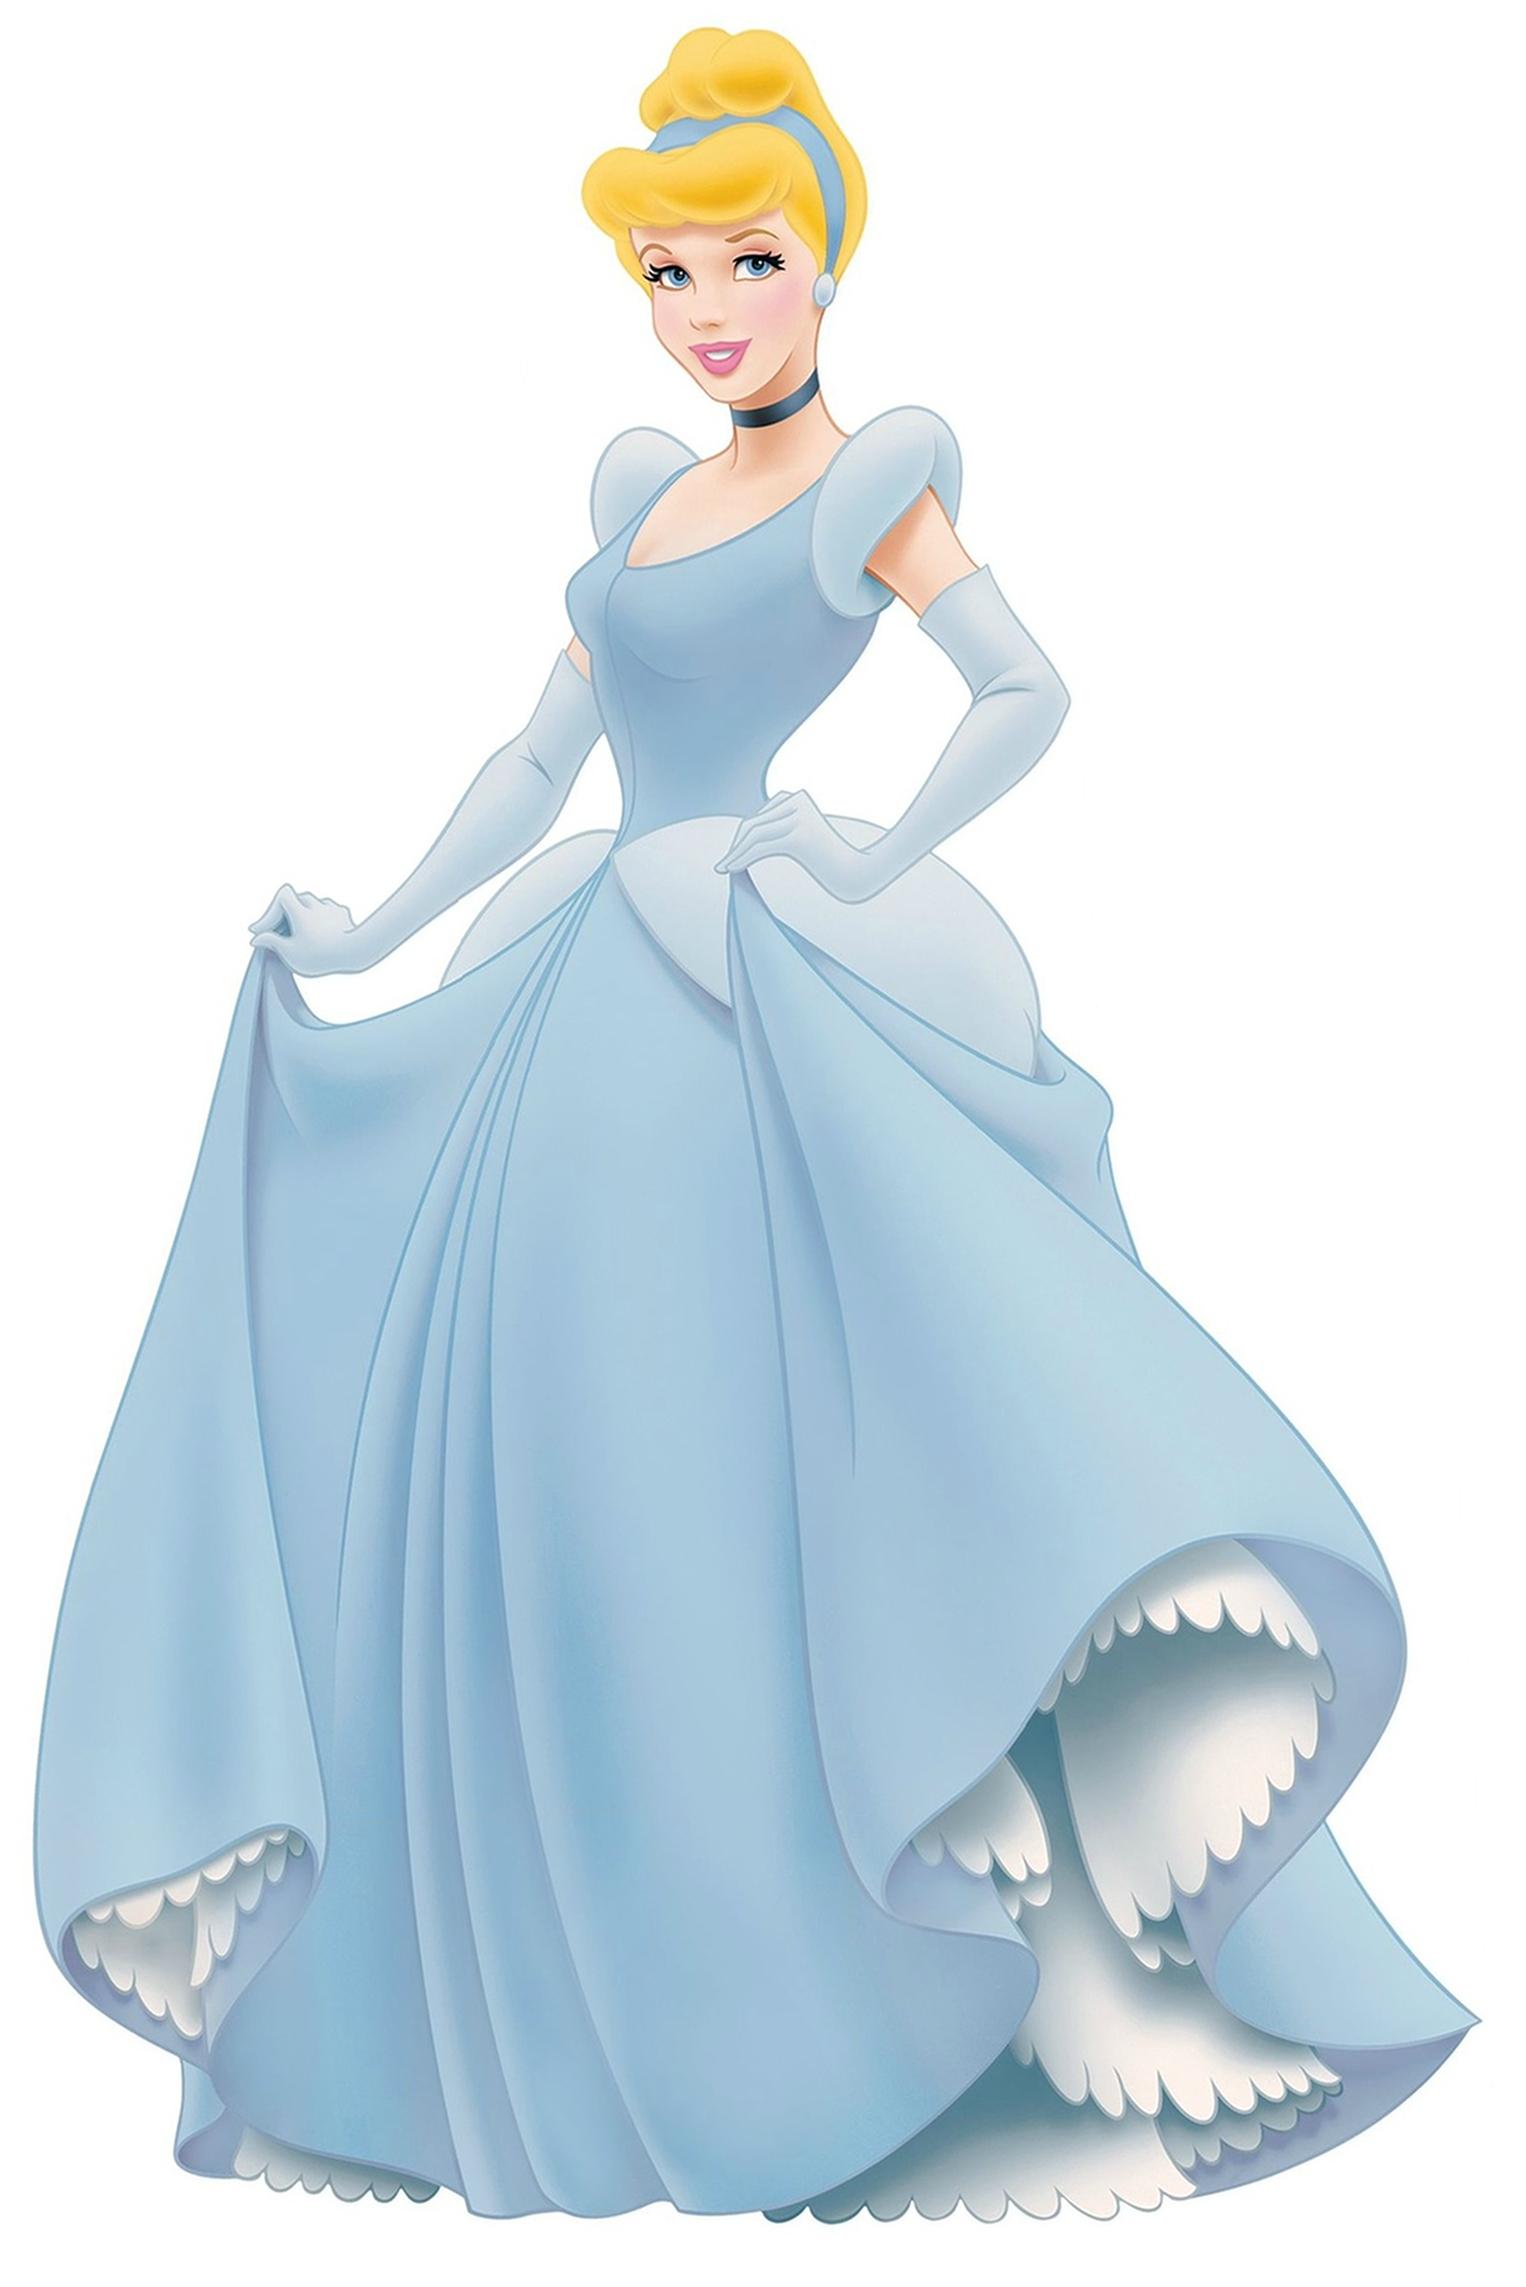 Cinderella the united organization toons heroes wiki fandom cinderella altavistaventures Gallery